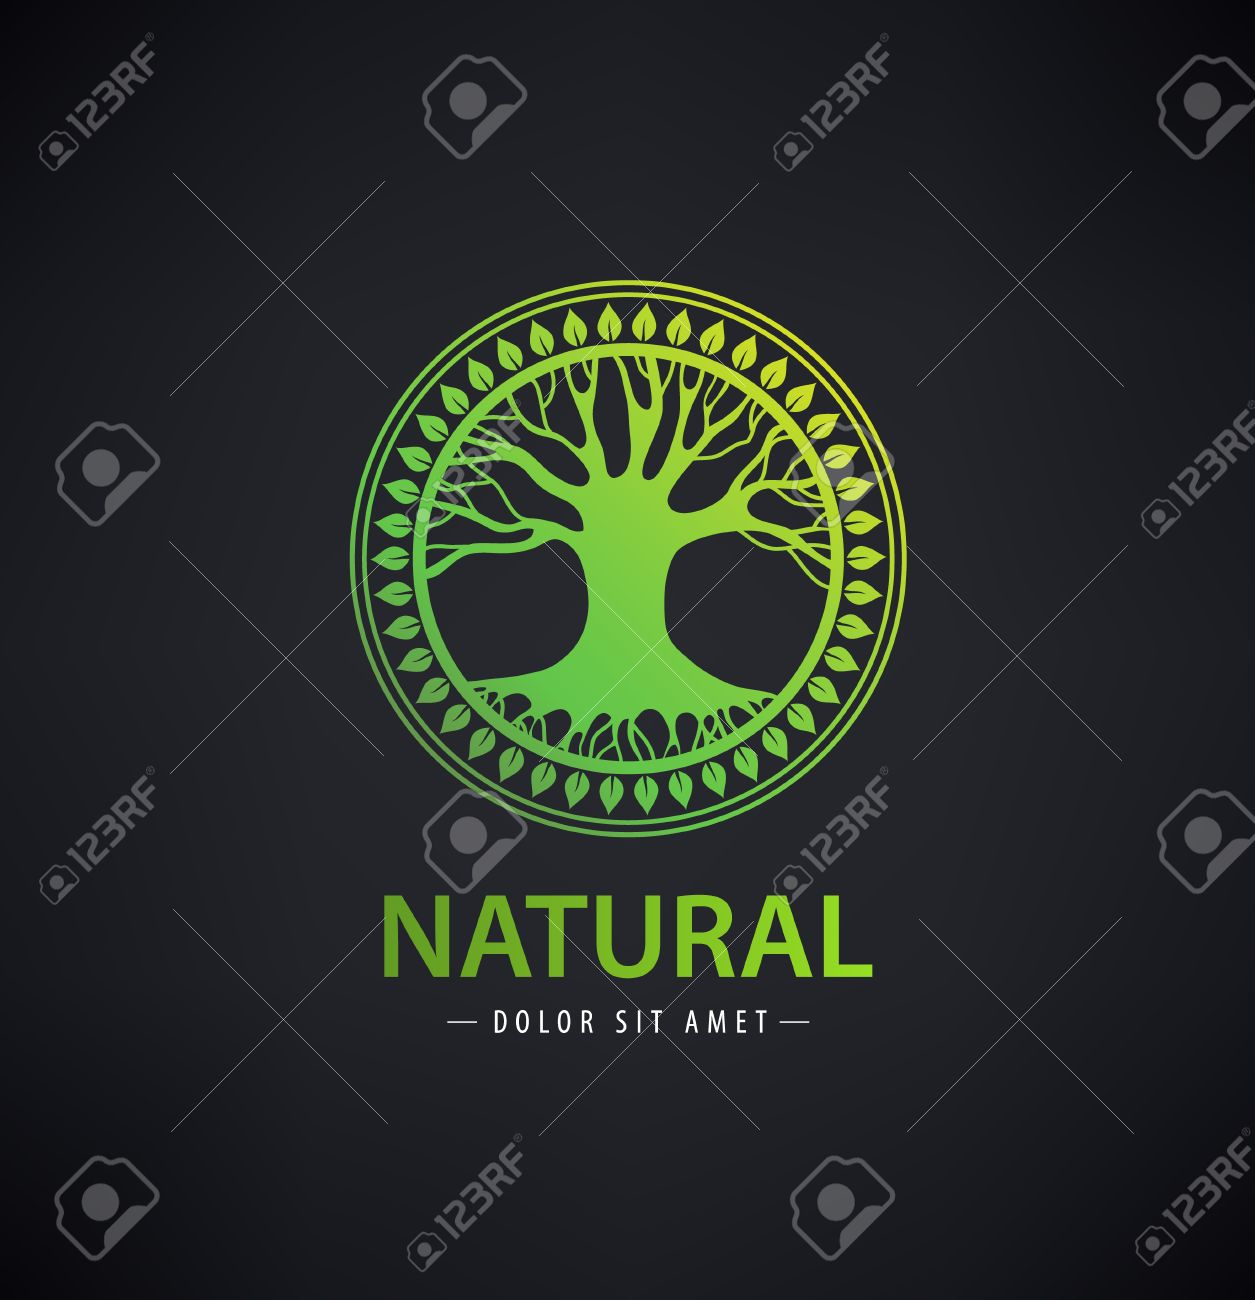 Vector circle eco logo, tree logo, nature organic logo, icon isolated. Tree of life, round sign emblem - 52747829